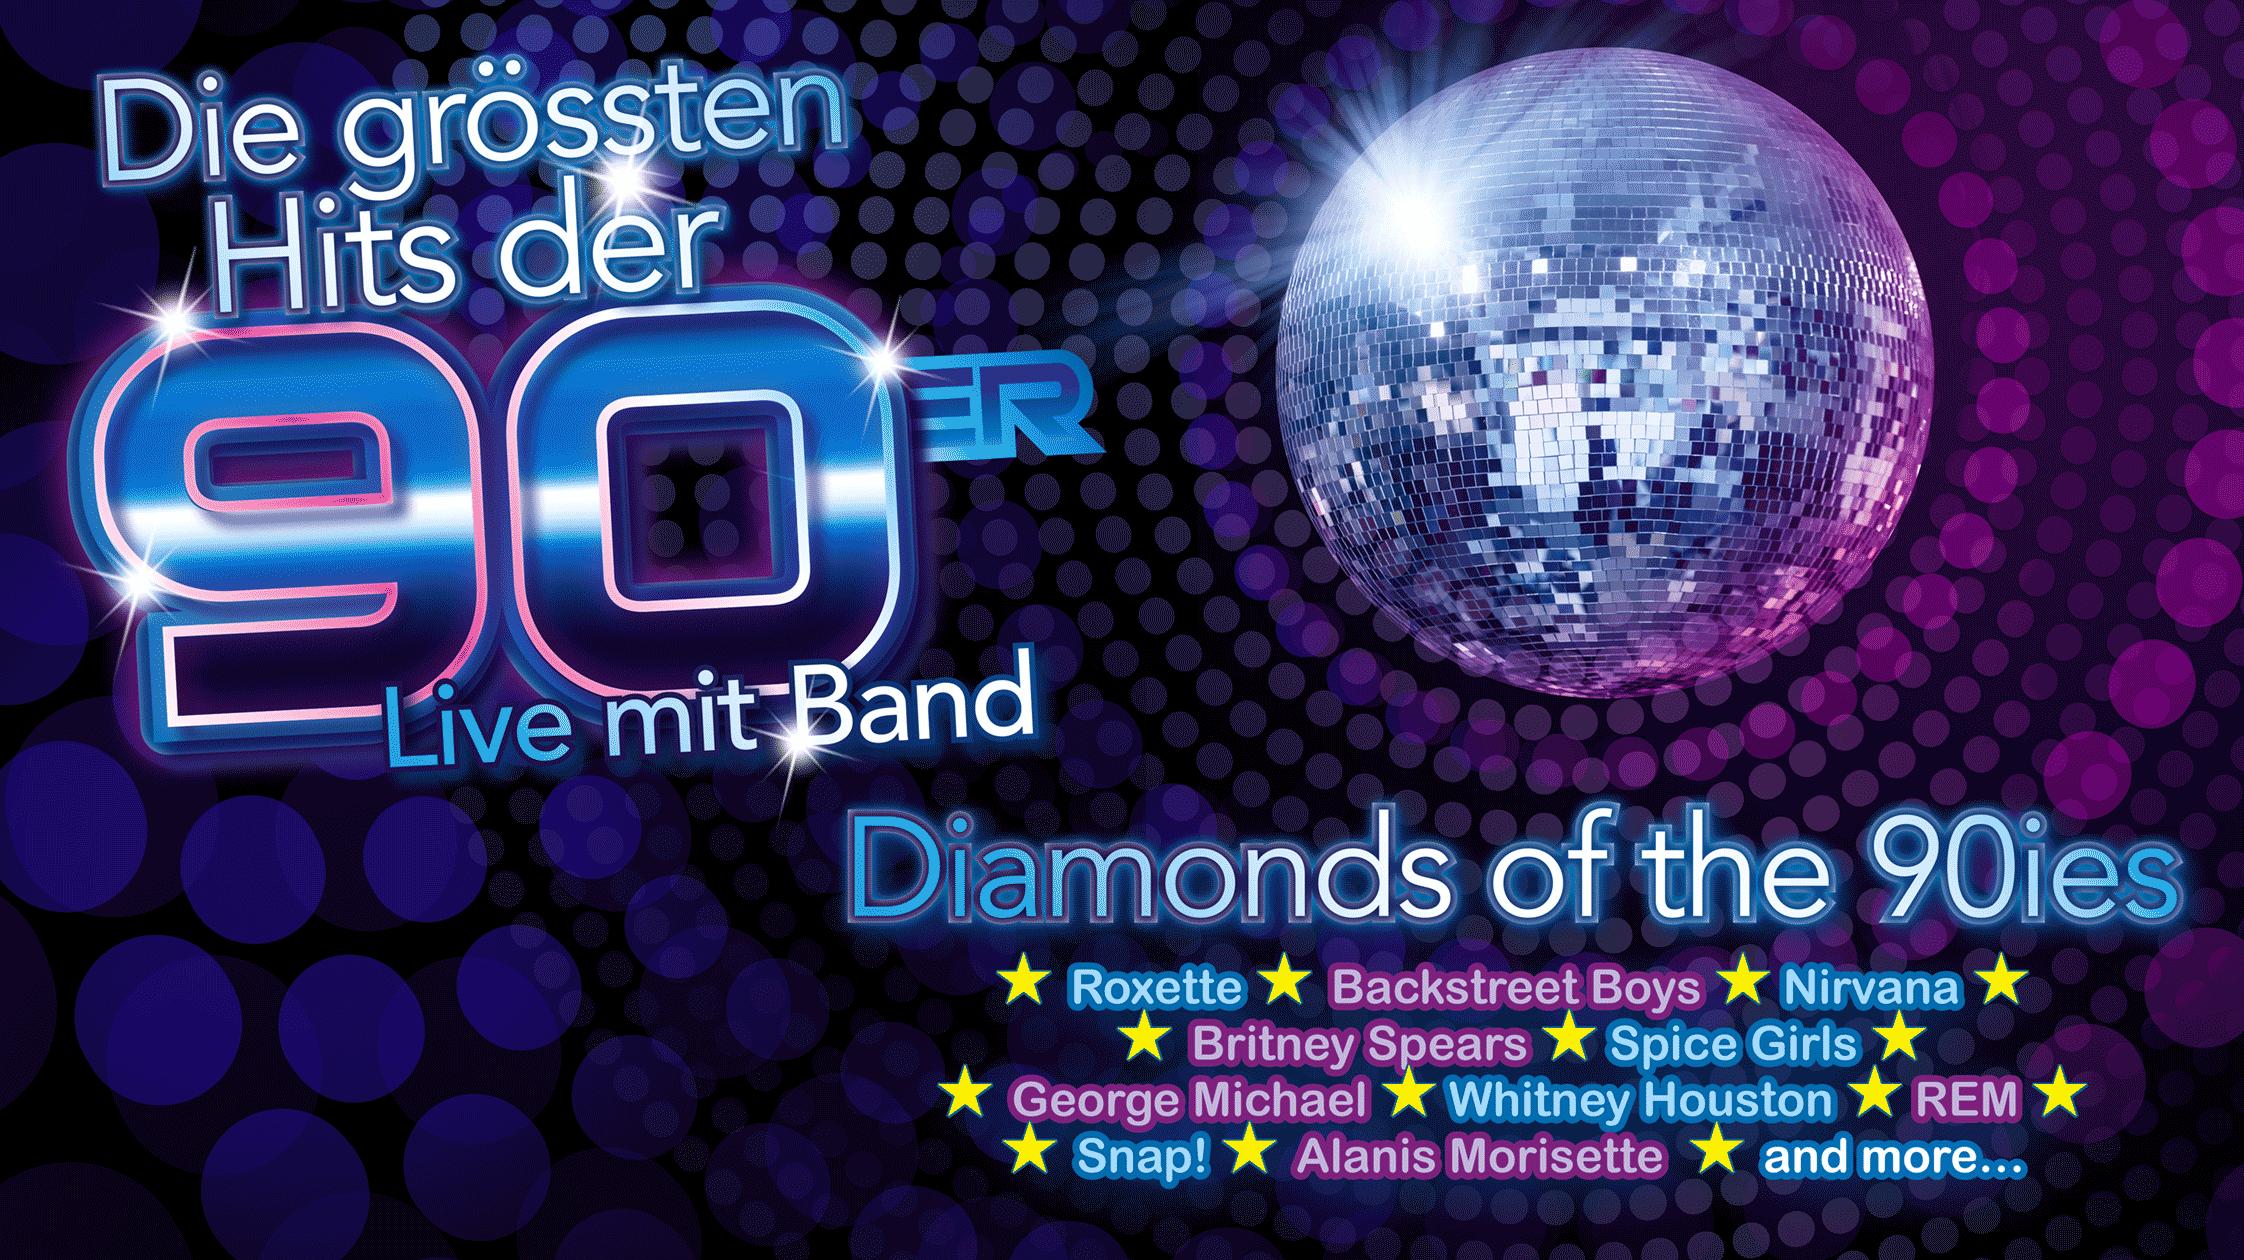 Diamonds of the 90ies